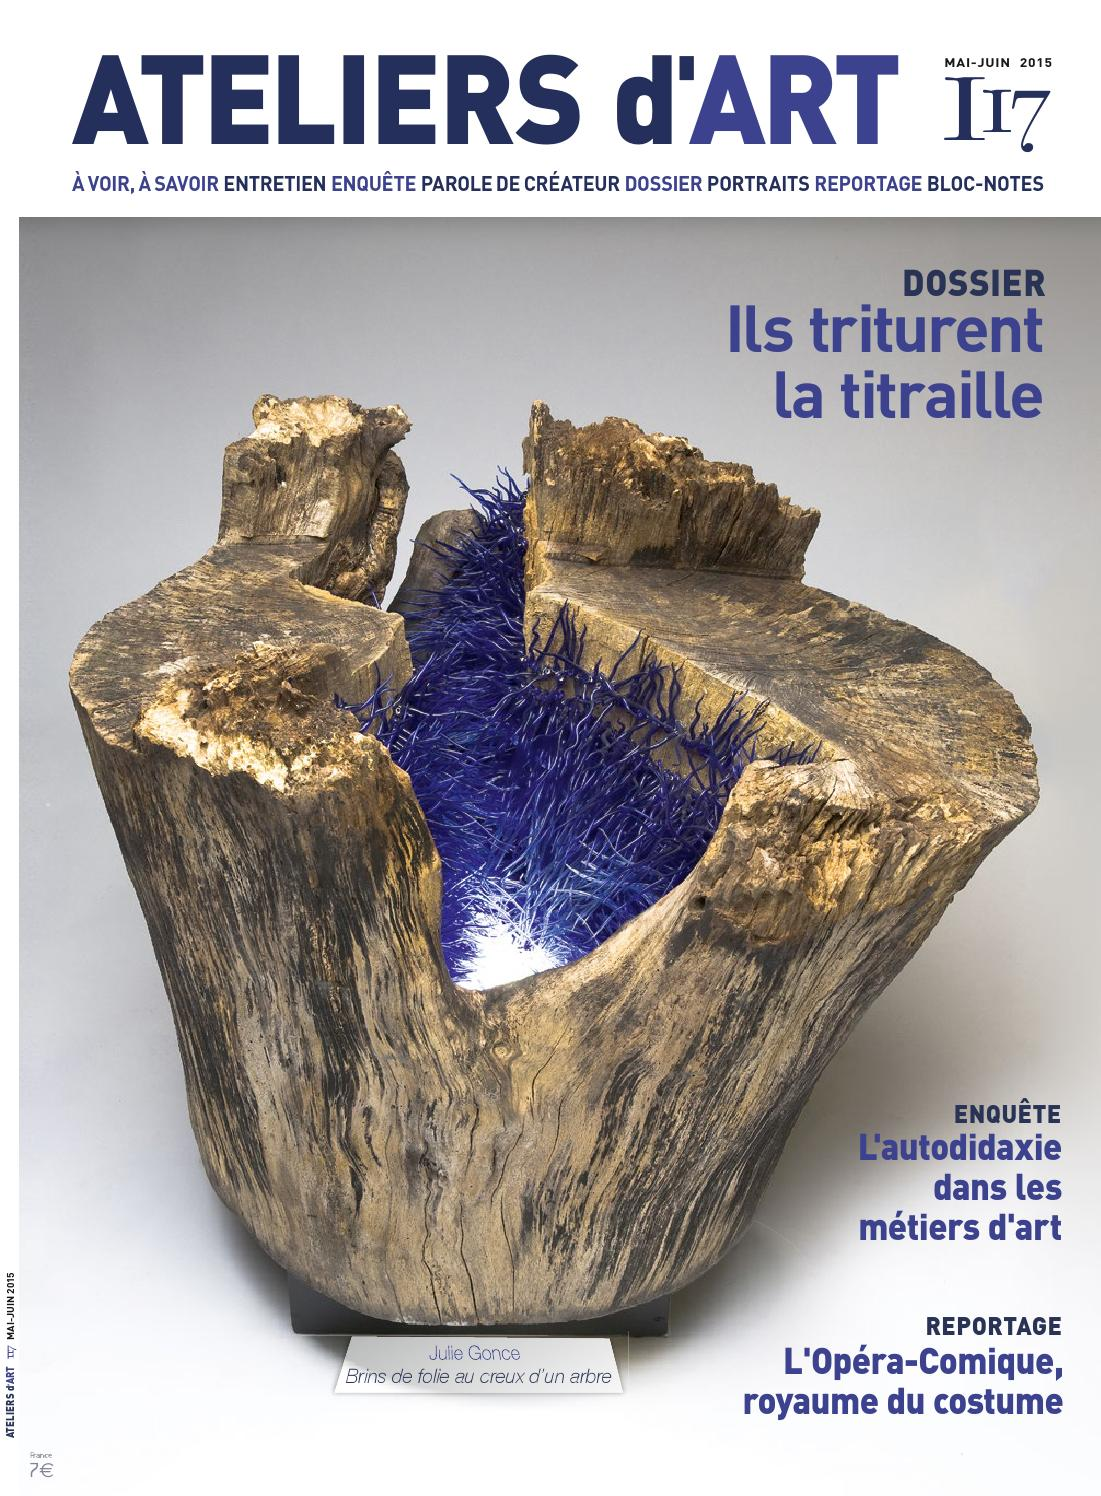 Magazine ateliers d 39 art n 117 by ateliers d 39 art de france issuu - Ateliers d arts de france ...